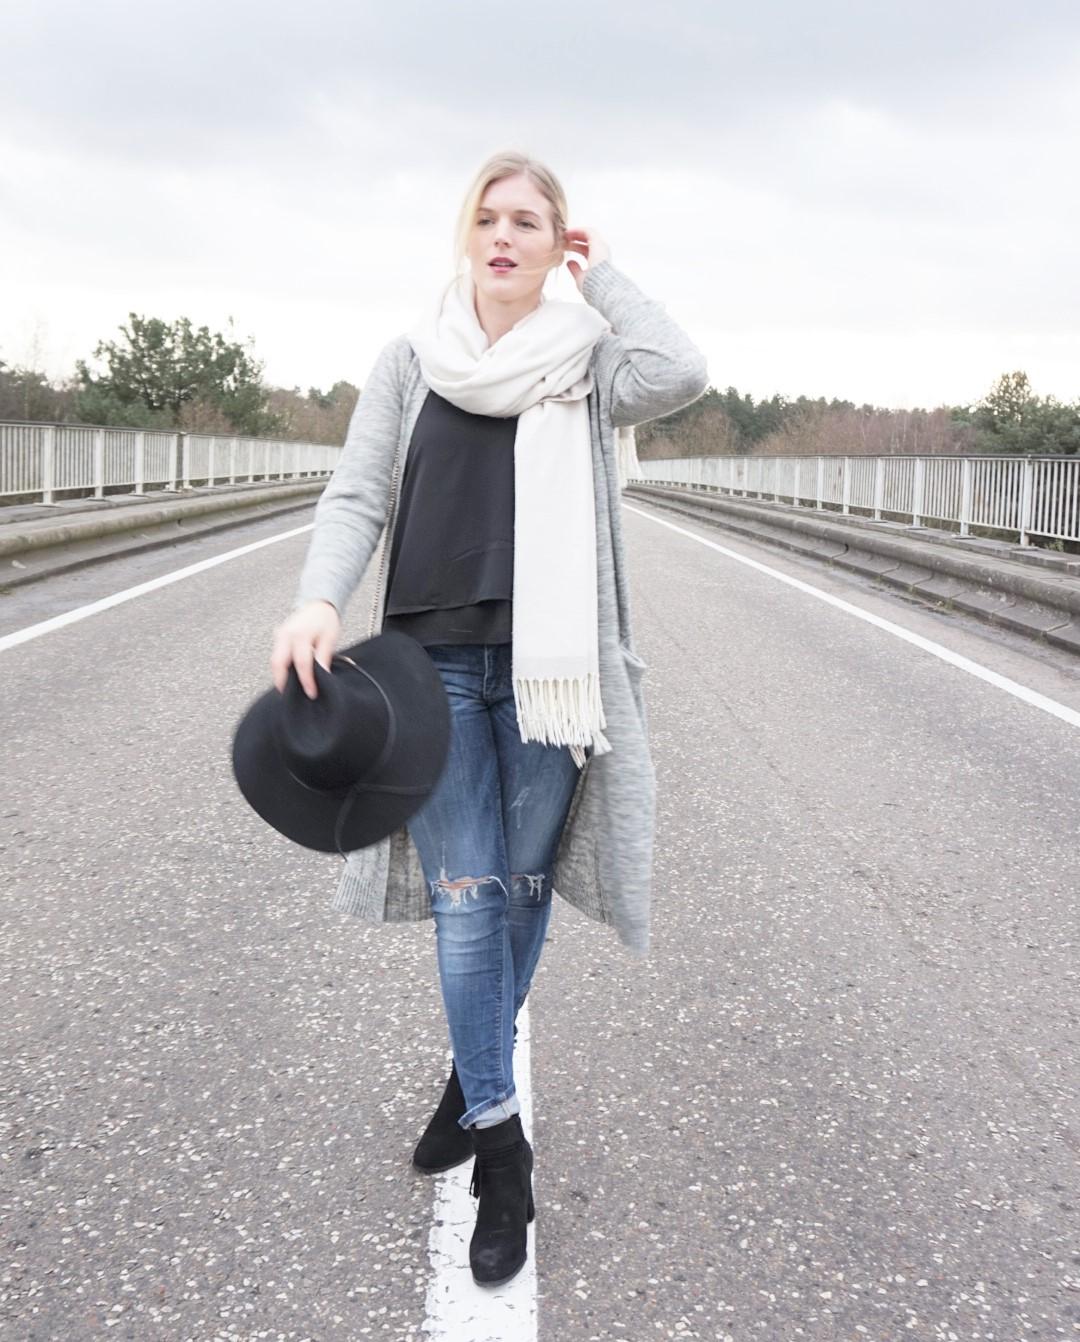 DSC02133 | Eline Van Dingenen